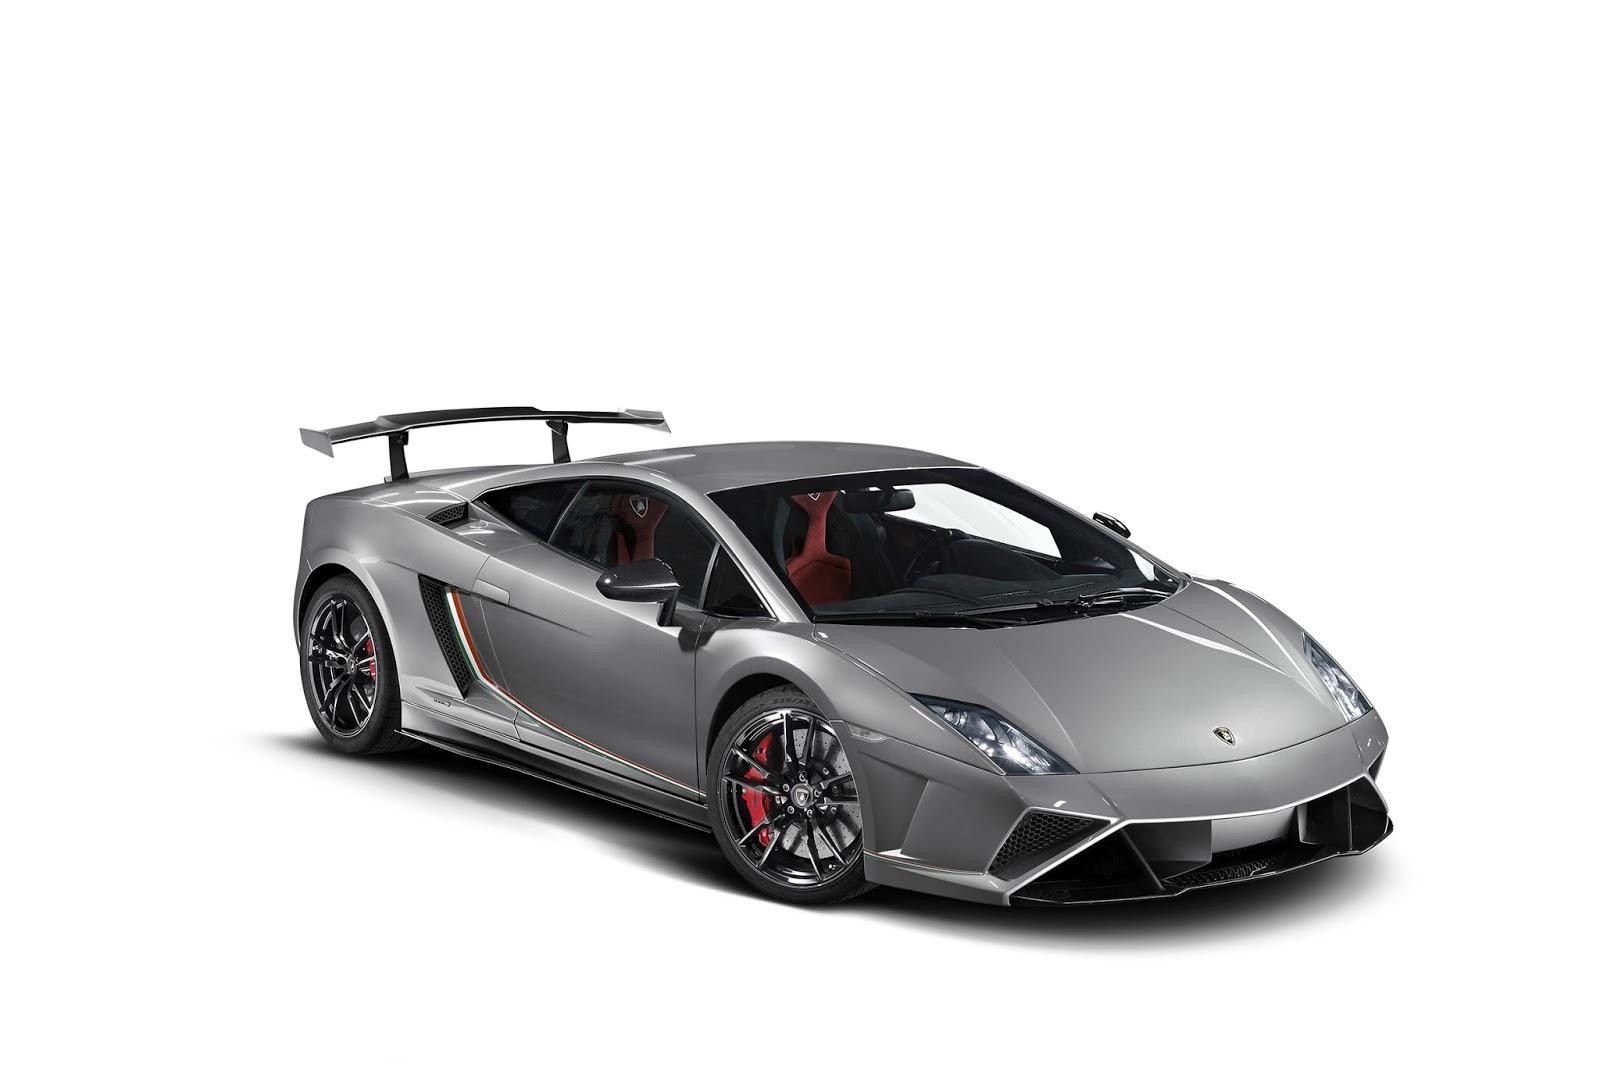 Lamborghini Gallardo The Lp 570 4 Squadra Corse The Latest Lambo